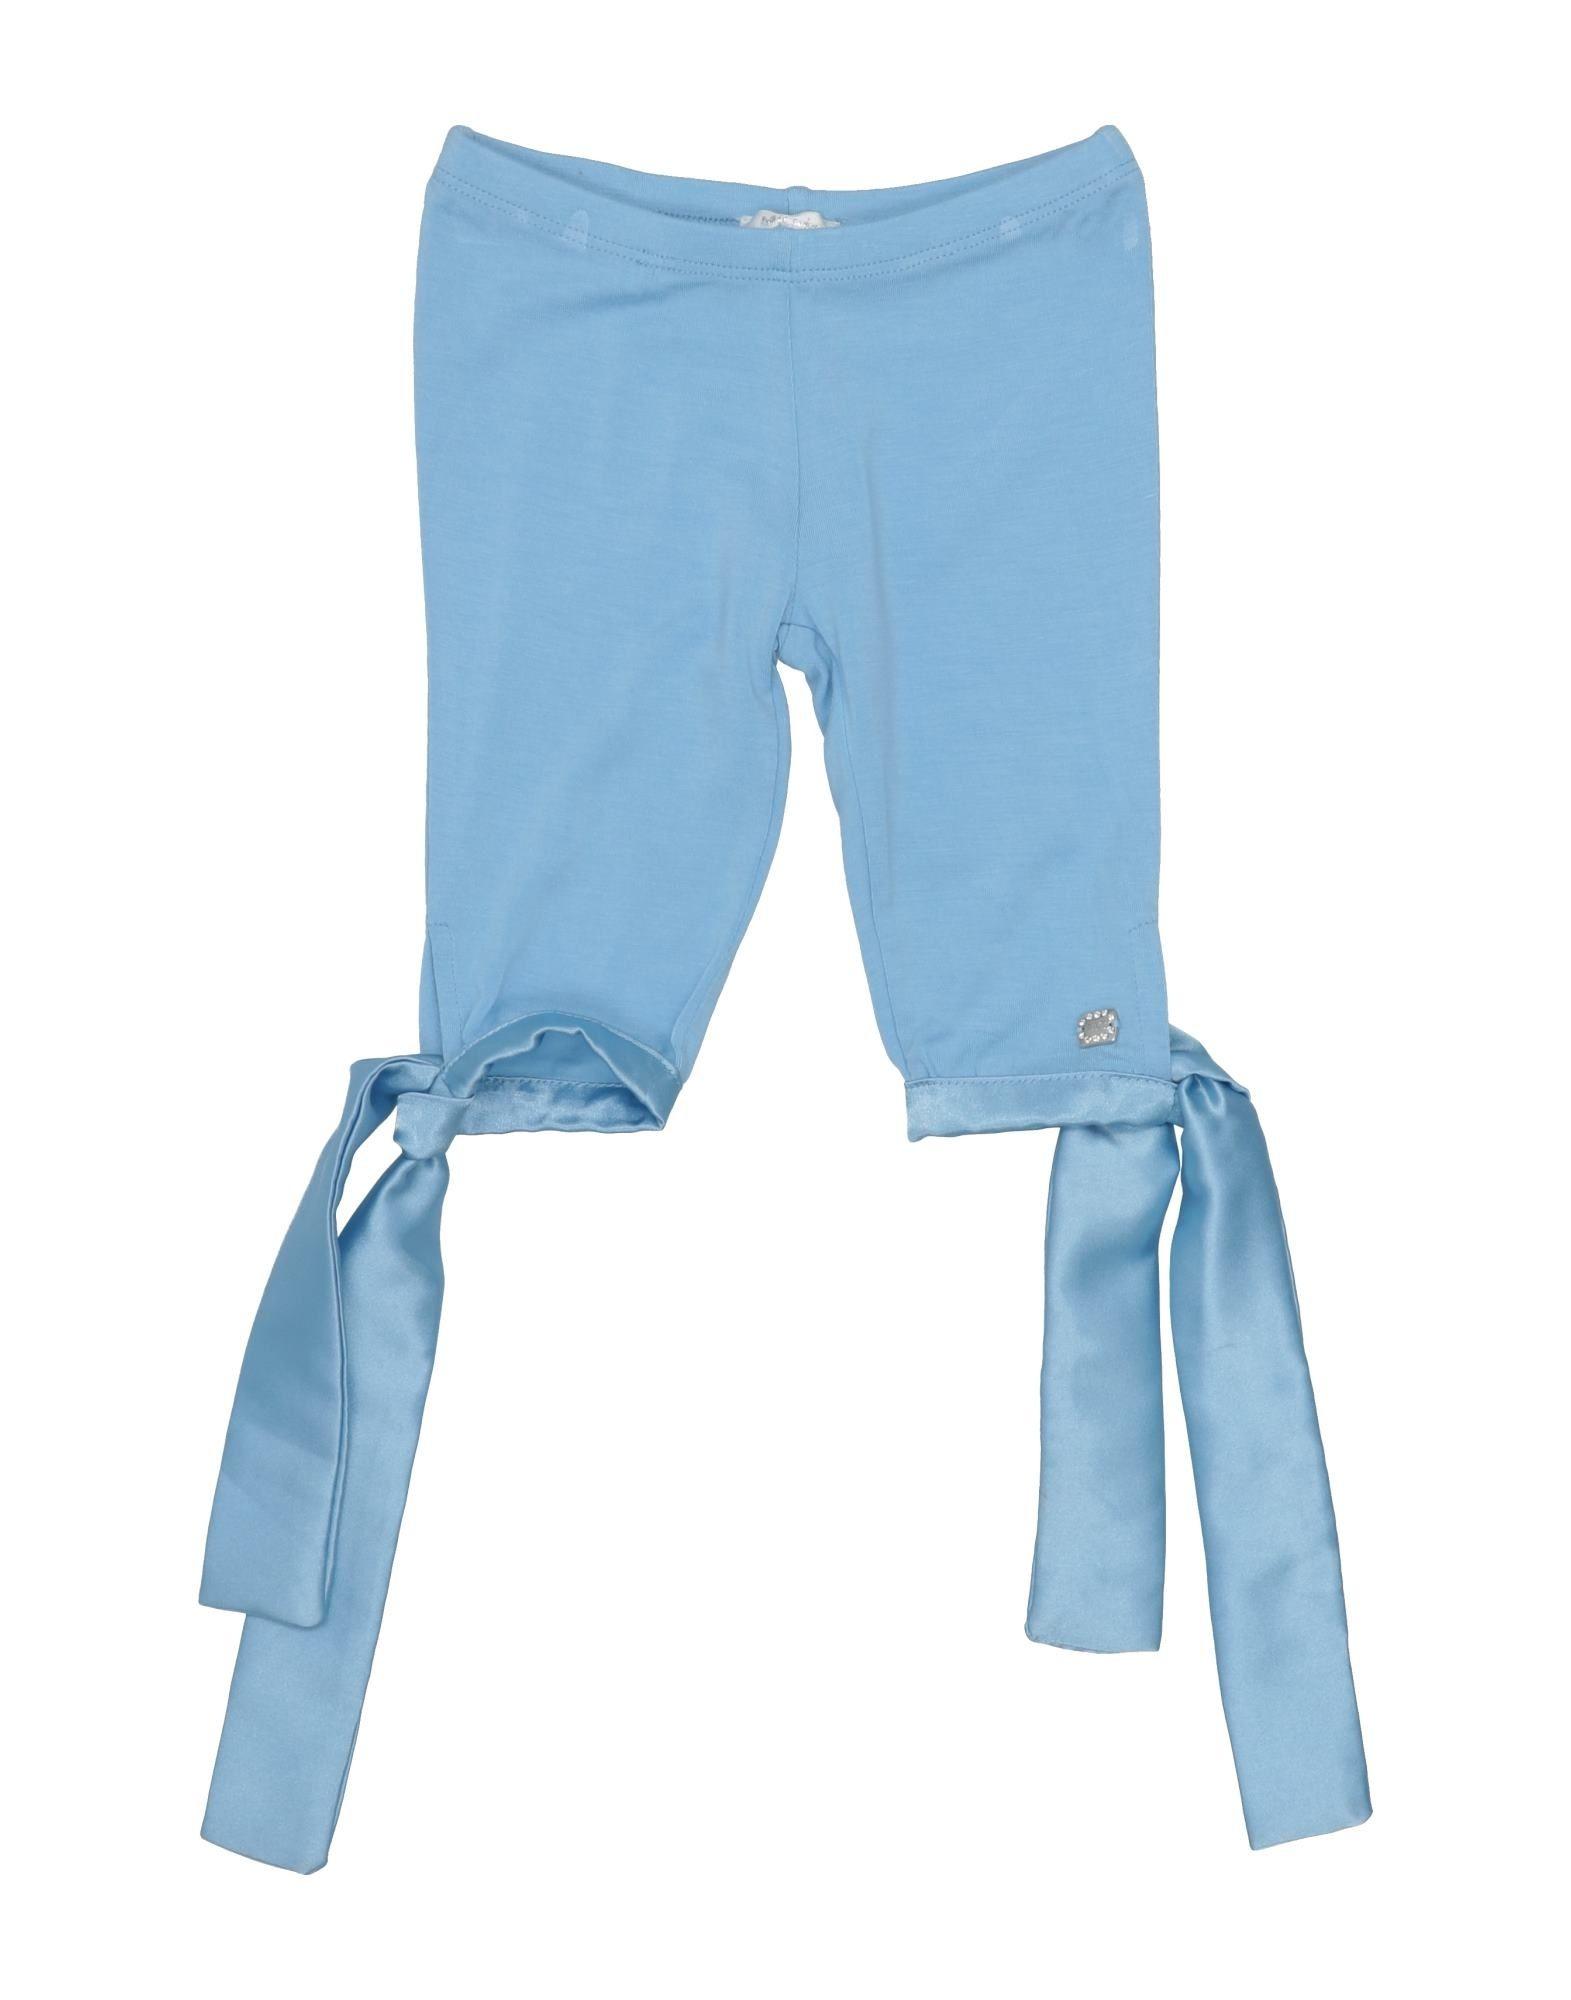 Microbe By Miss Grant Kids' Leggings In Blue